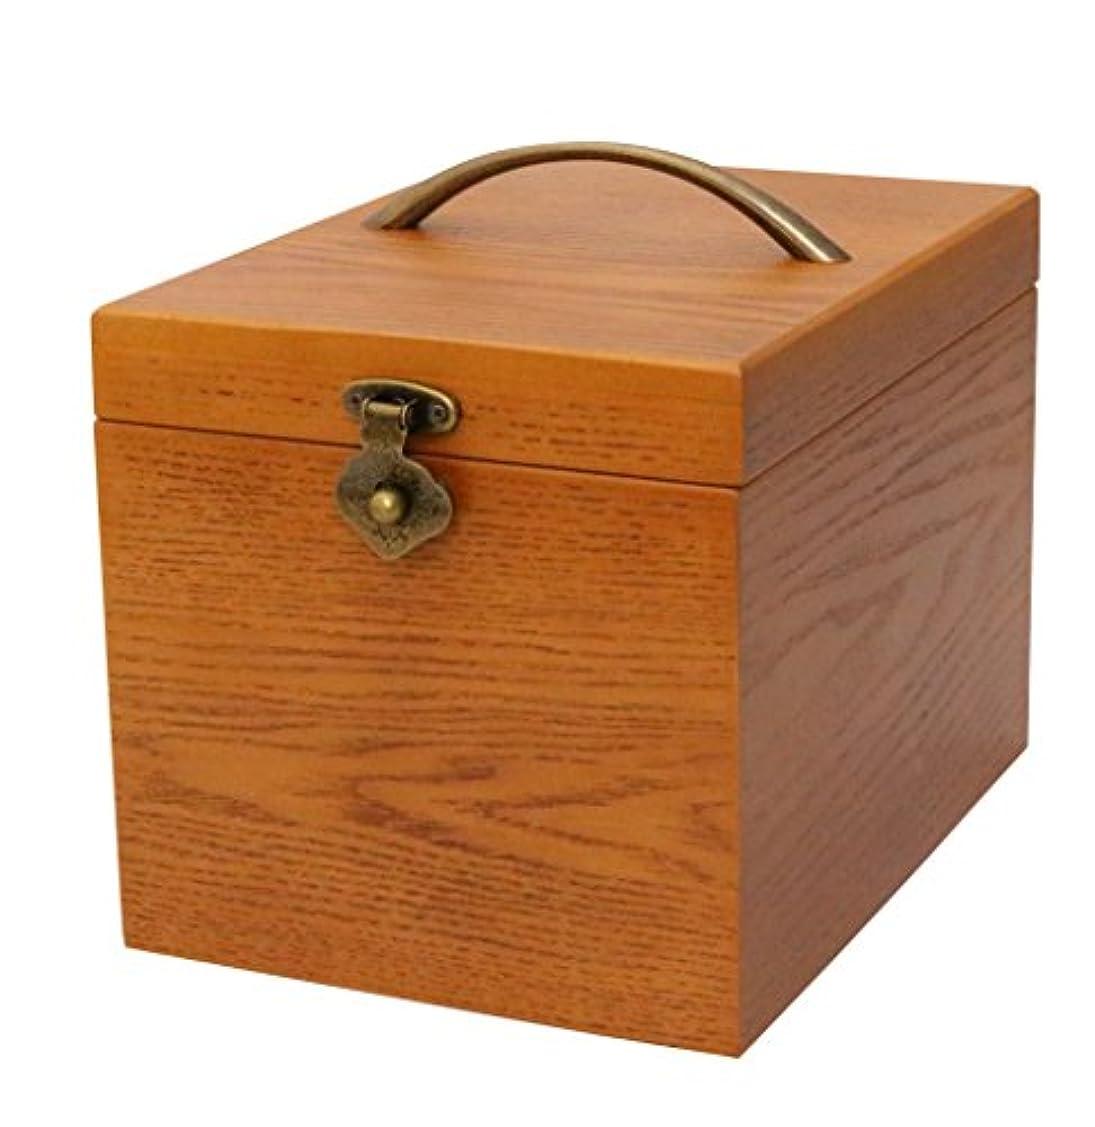 レクリエーション手段スリーブクレエ 木製 メイクボックス 鏡付き化粧品箱 ブラウン 90900044 18×24×17.5